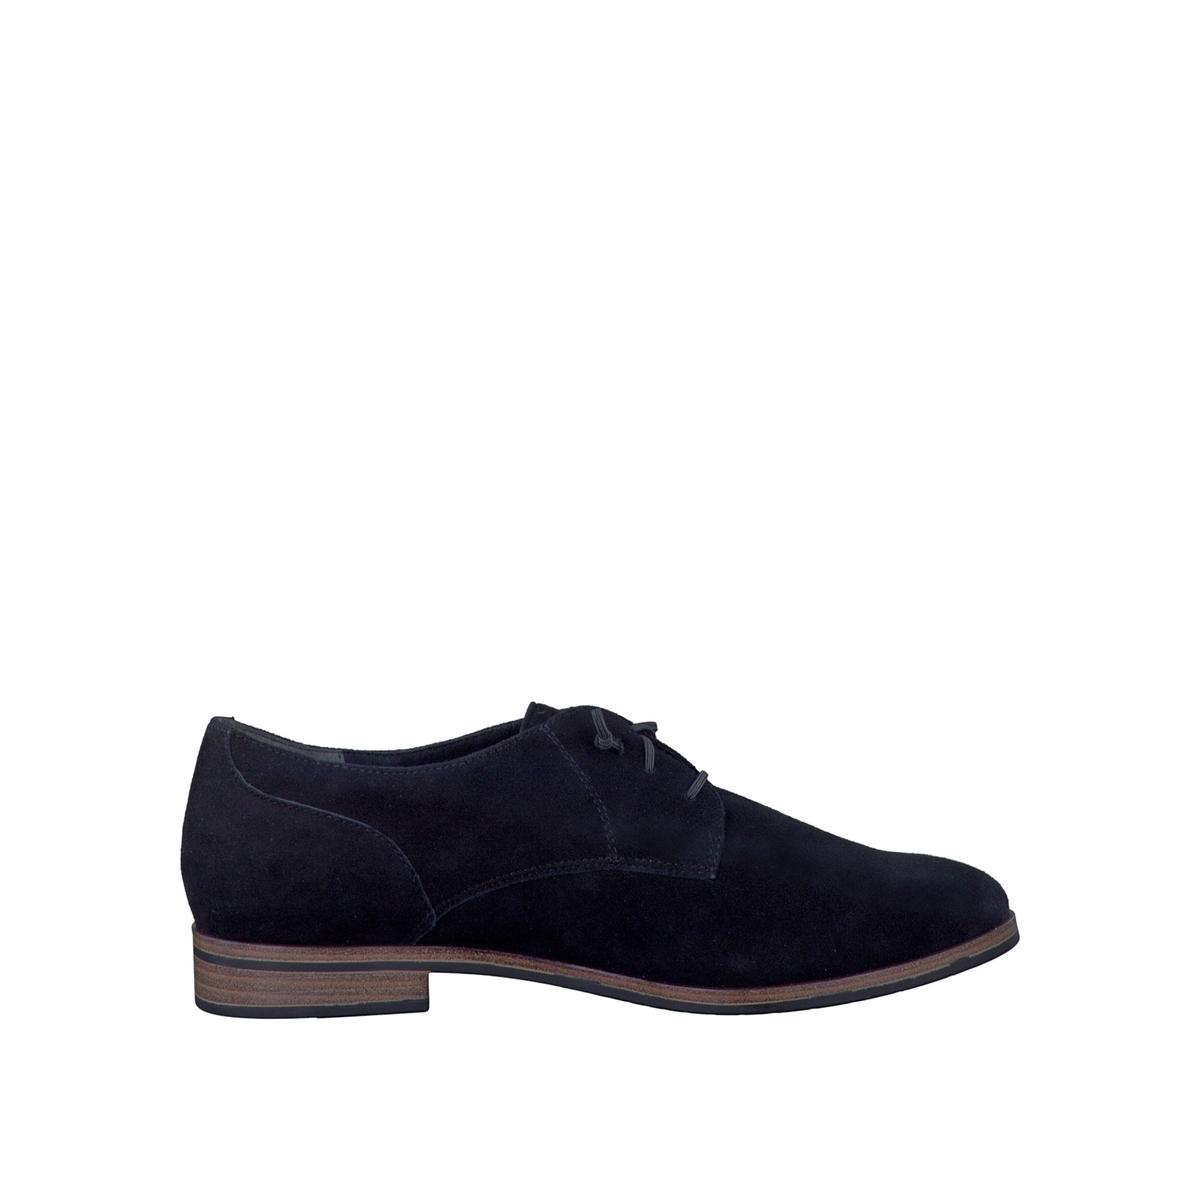 Ботинки-дерби кожаные 23204-28Верх/Голенище: кожа.  Подкладка: текстиль и синтетика.Стелька: синтетика.Подошва: синтетика.Высота каблука: 2 см.  Форма каблука: плоский каблук.Мысок: закругленный.Застежка: шнуровка.<br><br>Цвет: серо-коричневый,черный